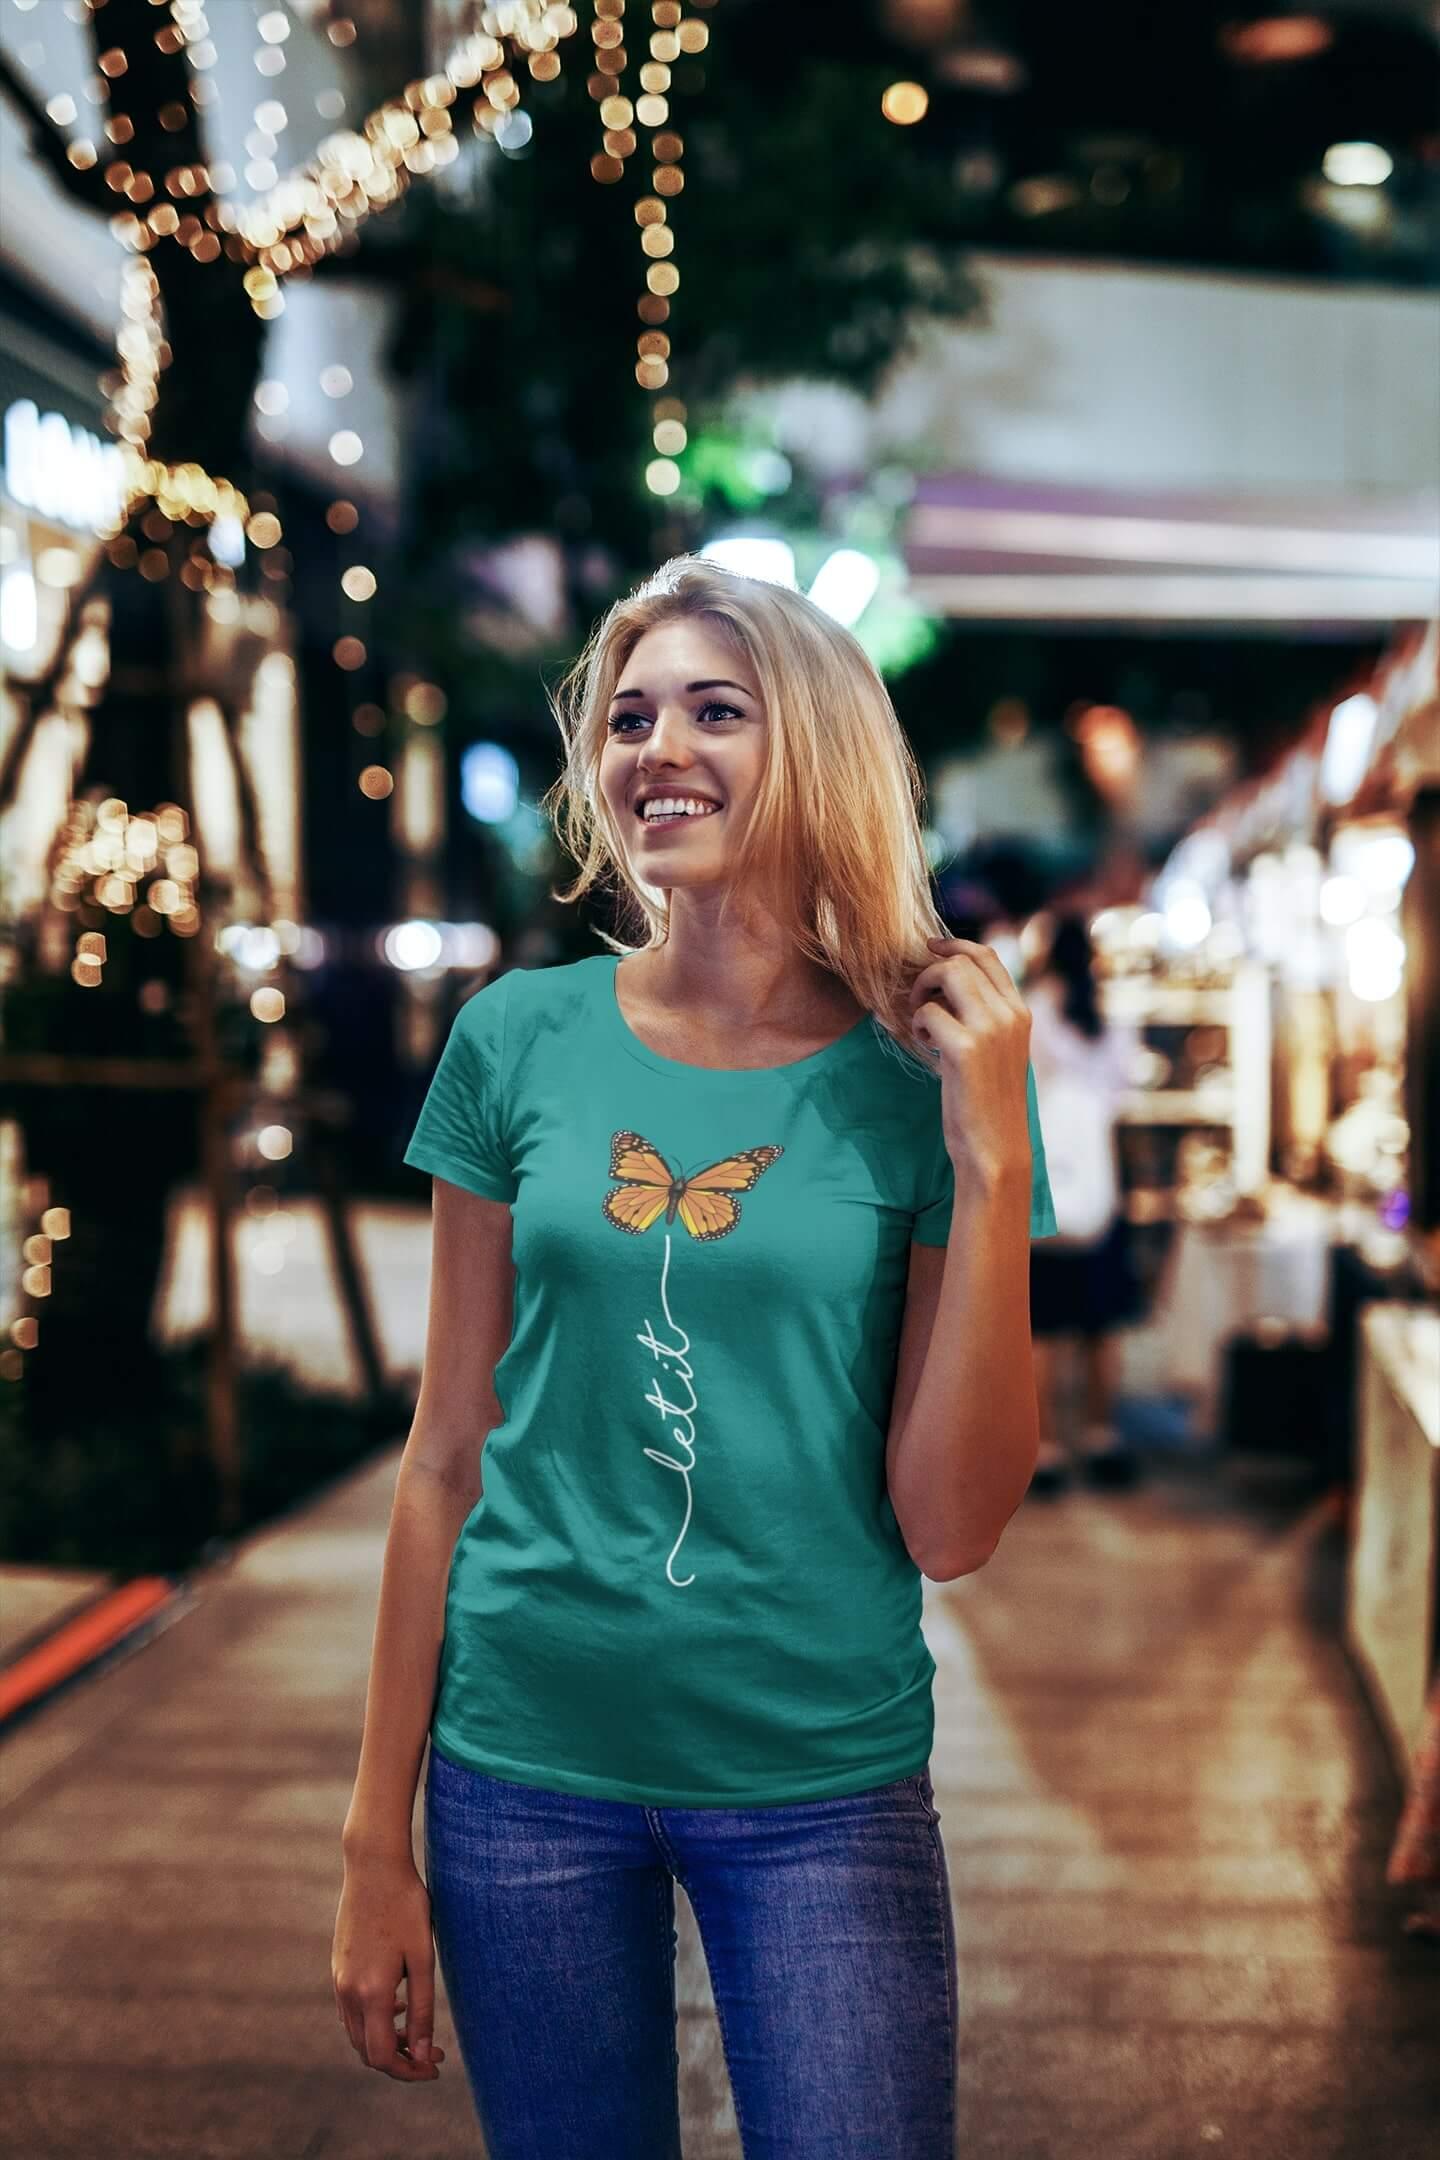 MMO Dámske tričko Let it motýľ Vyberte farbu: Smaragdovozelená, Vyberte veľkosť: S